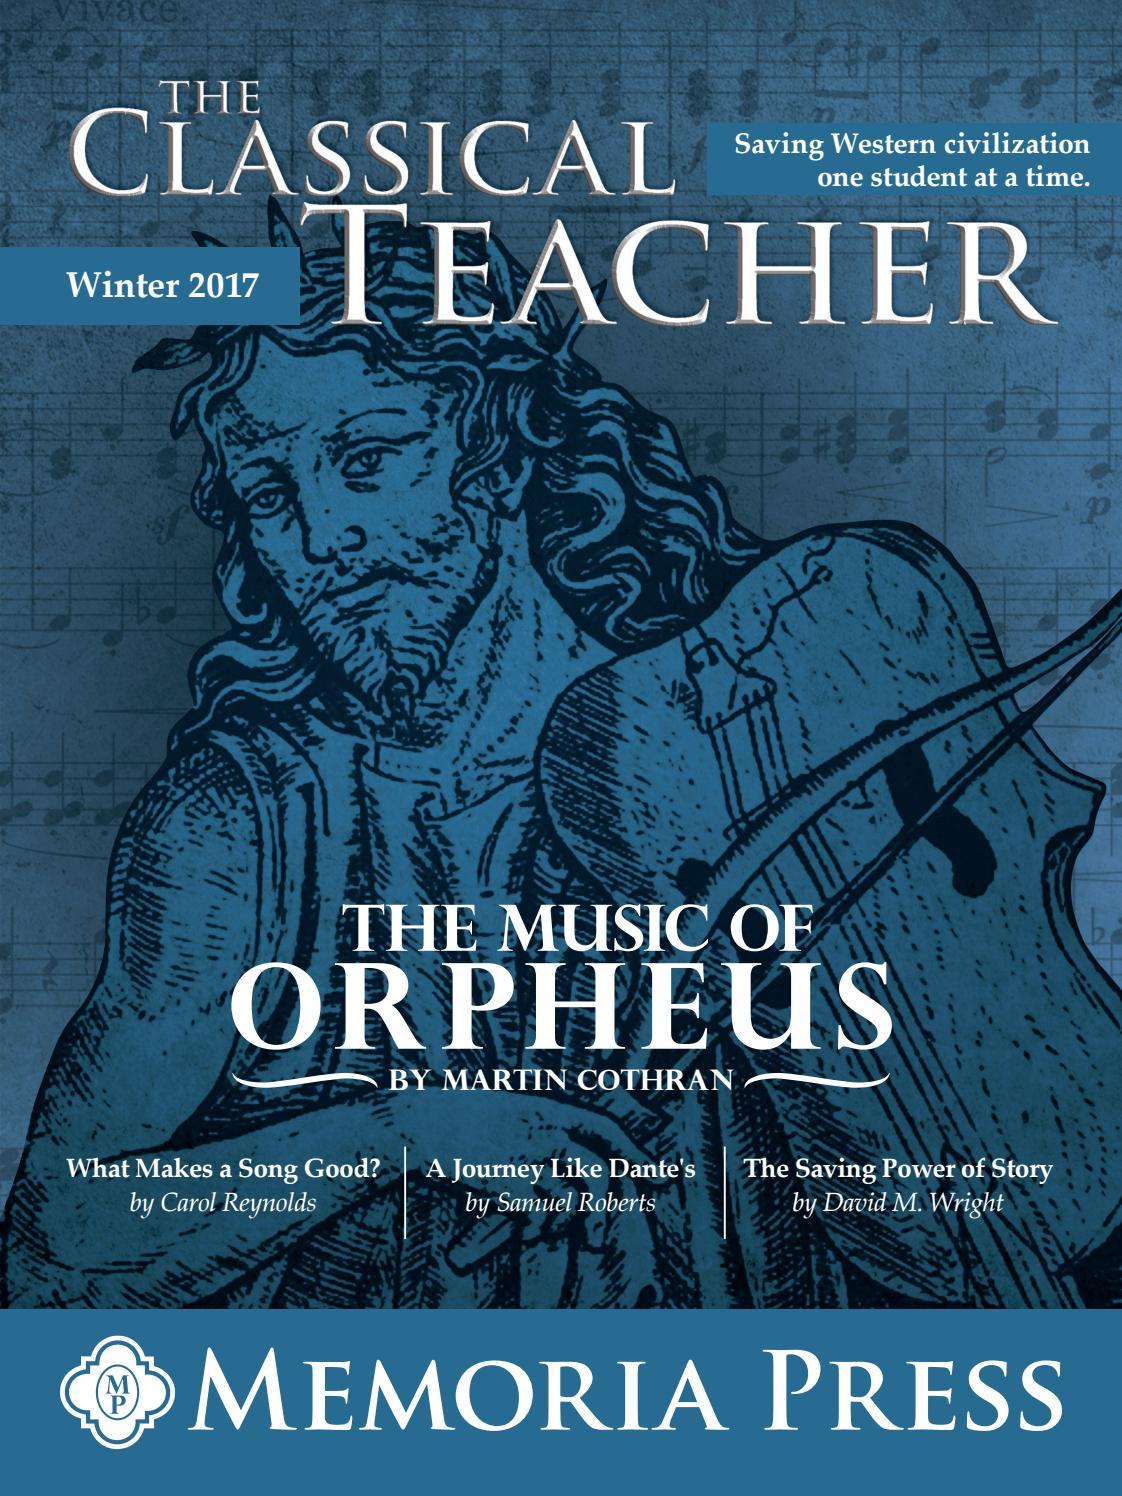 The Classical Teacher - Winter 2017 by Memoria Press - issuu